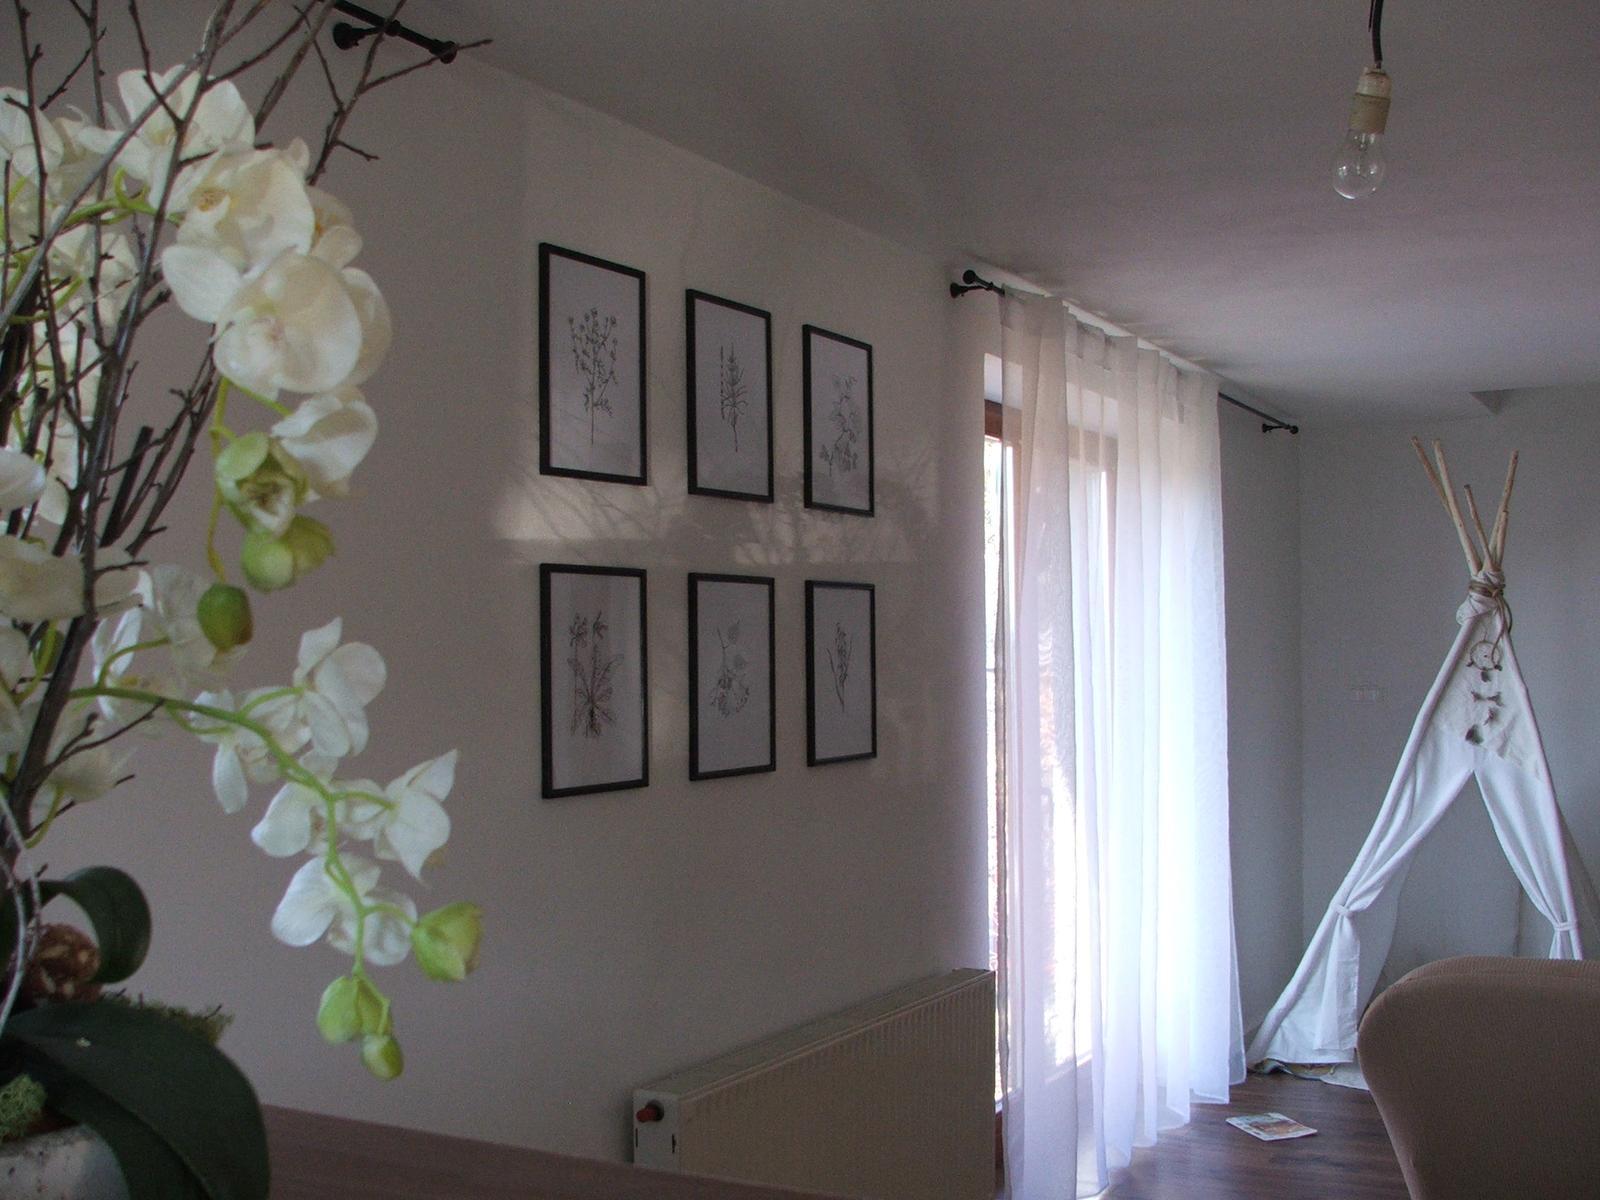 Domov - ešte chýba veľa vecí....lampy, závesy,stôl,stoličky....ale časom všetko bude :)